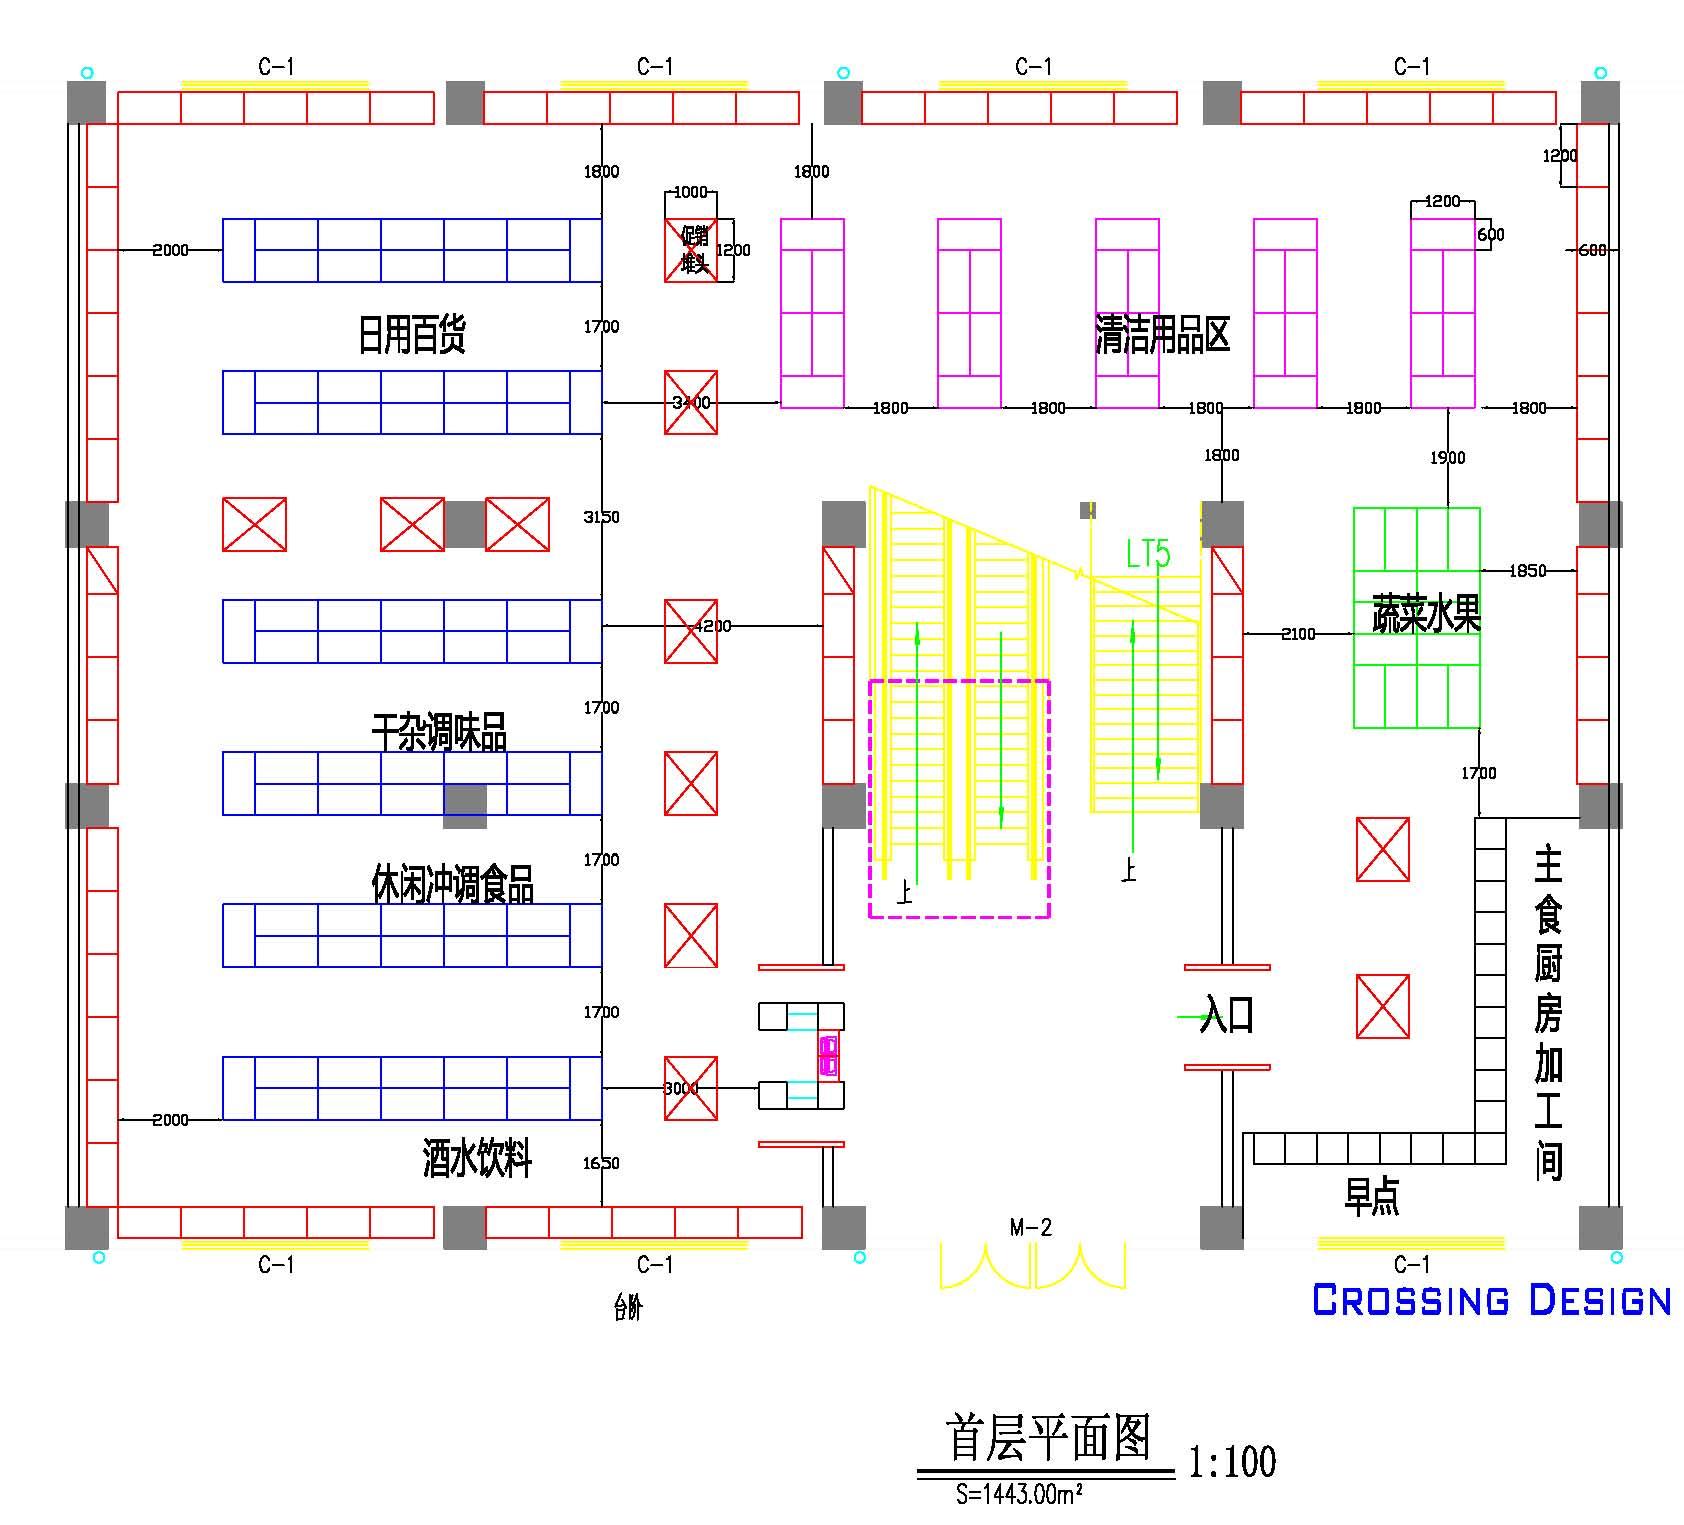 600平米社区店布局设计(附图纸)--相忘江湖-新的历程,设计人生; 200图片